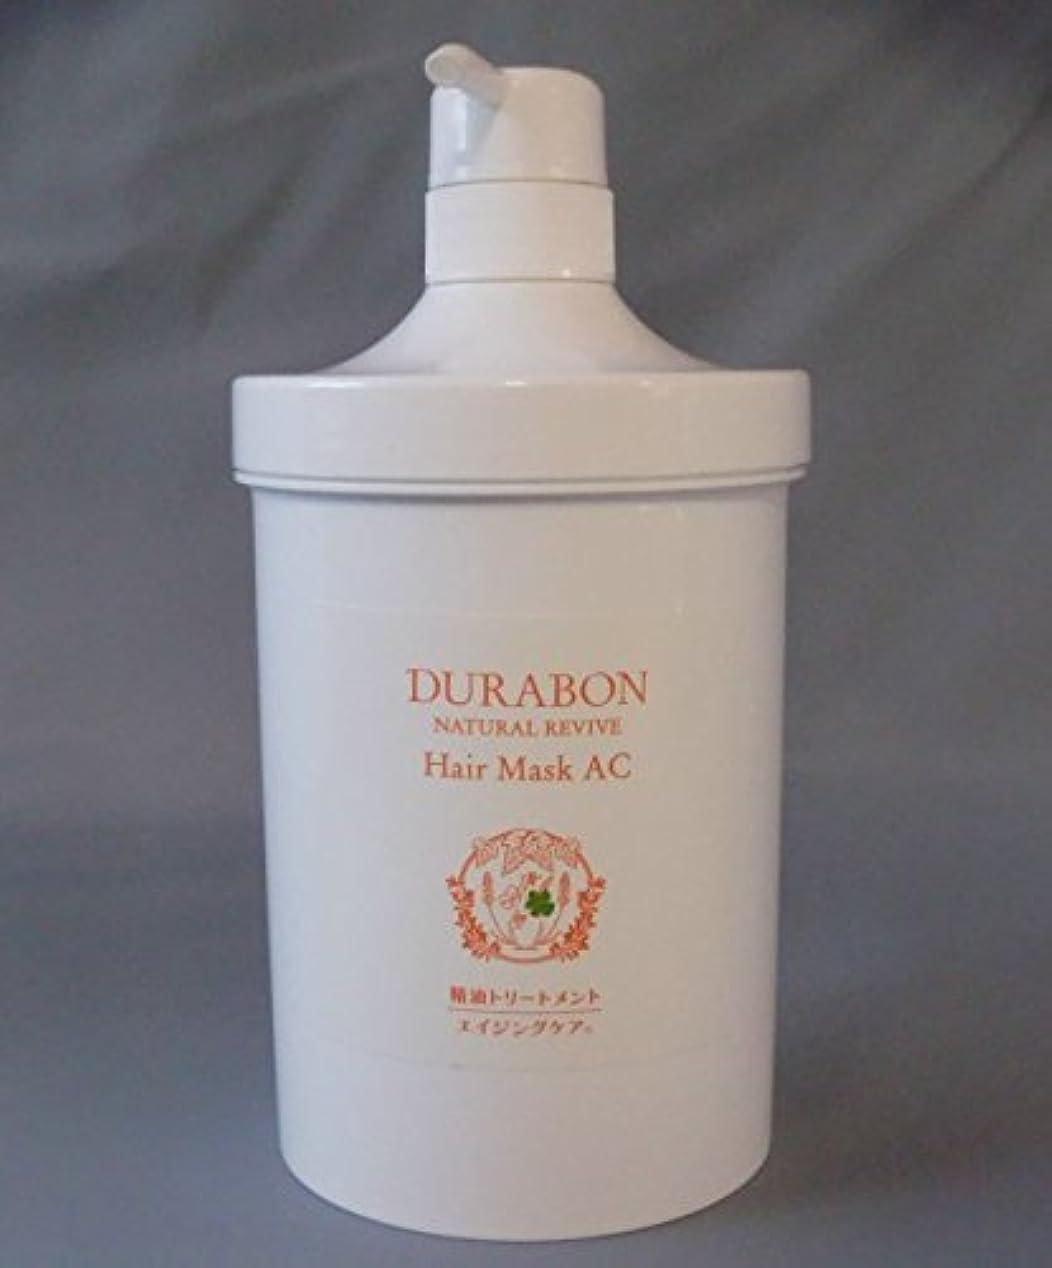 ロールとは異なり絶え間ないデュラボン ナチュラルリバイブヘアマスクAC 1000g